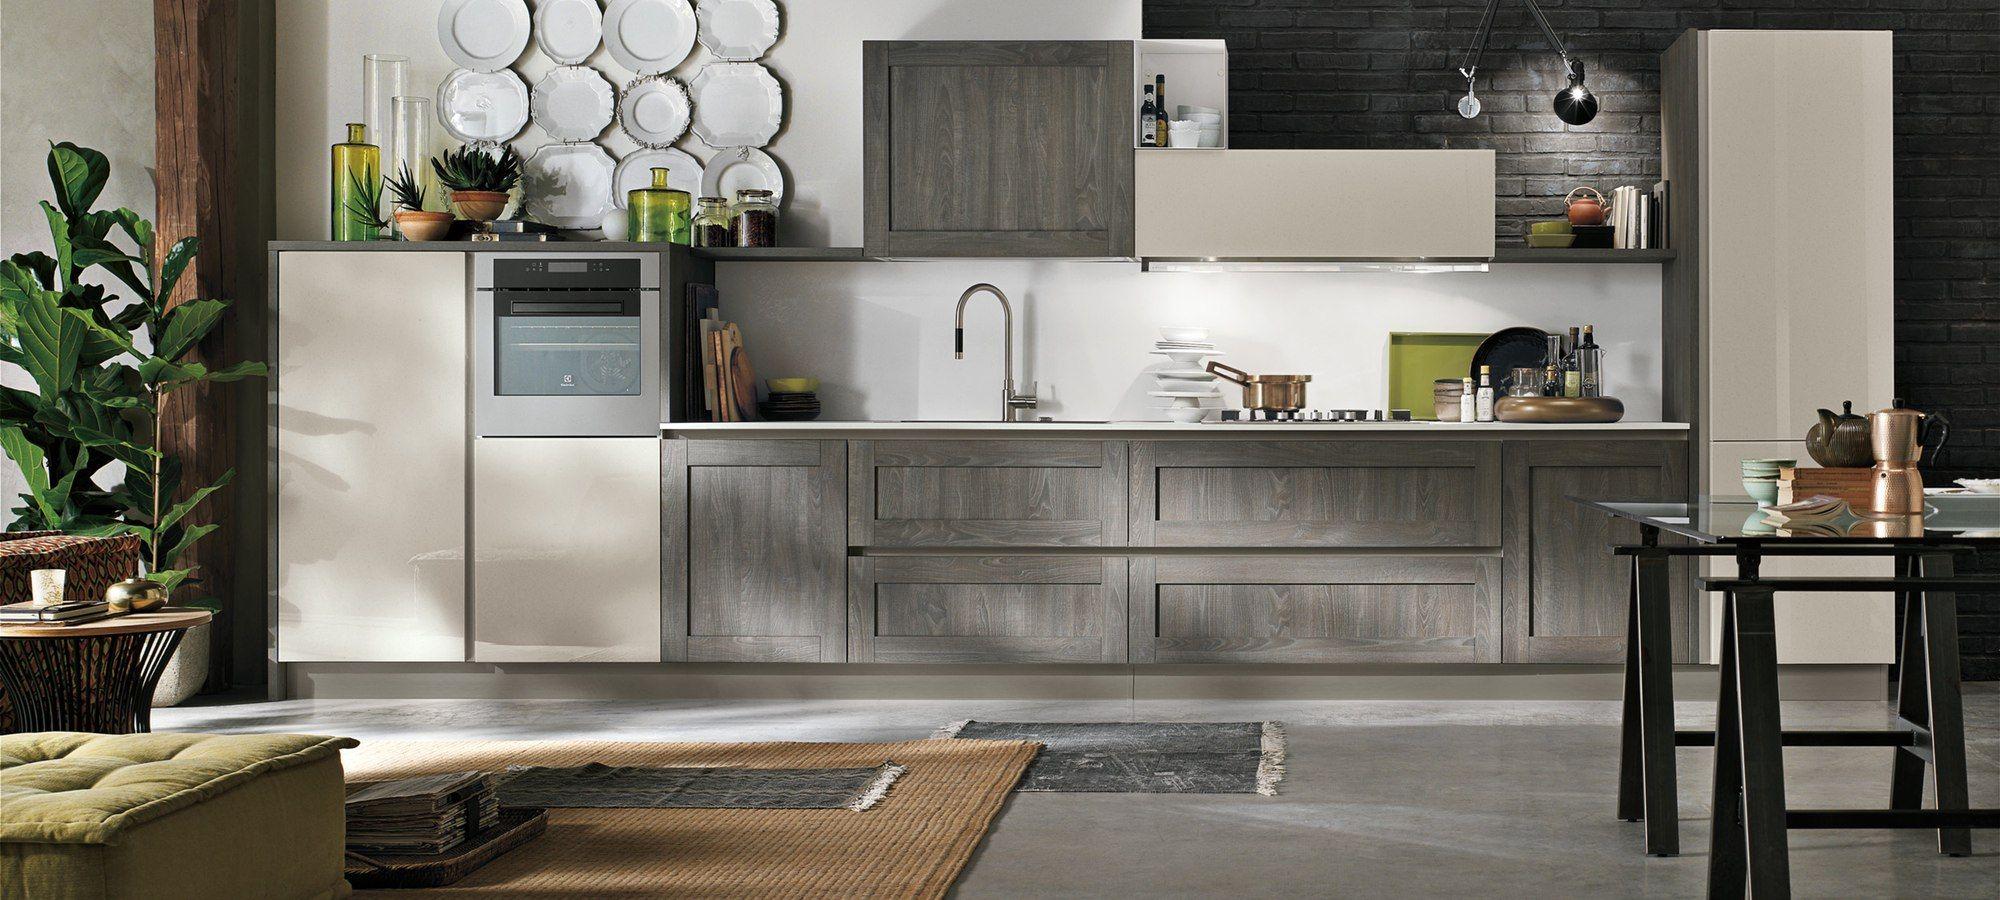 Le cucine componibili moderne di Stosa Cucina: si fanno notare per i ...